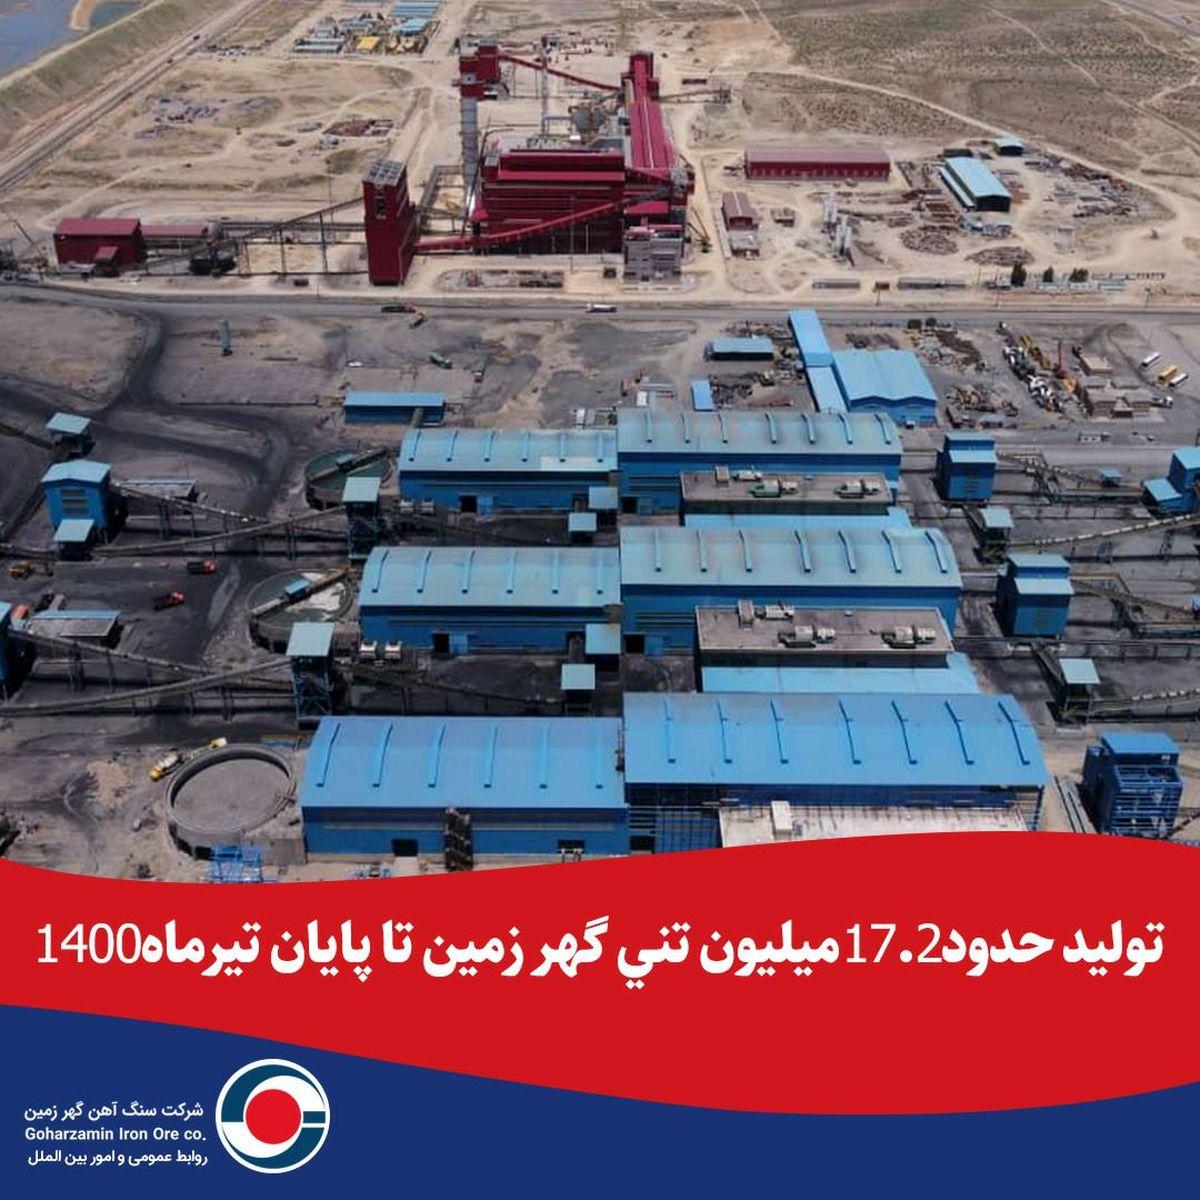 تولید حدود ۱۷.۲ میلیون تنی گهرزمین تا پایان تیرماه ۱۴۰۰